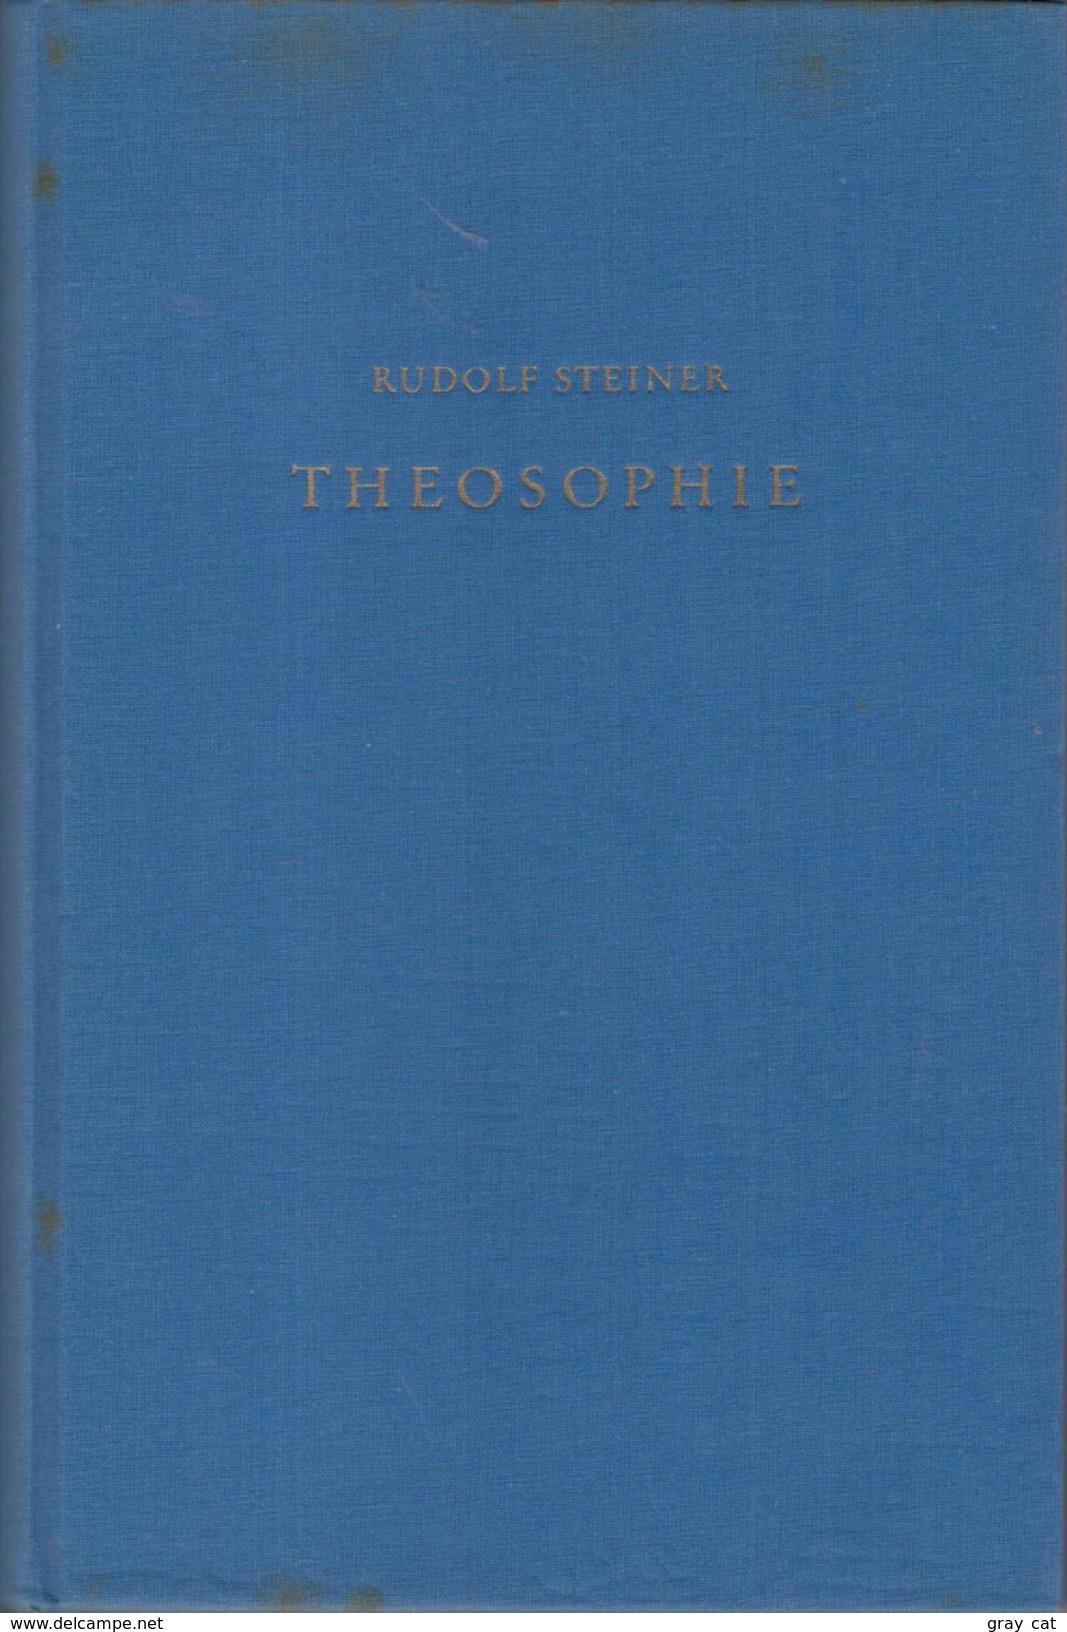 Theosophie: Einführung In übersinnliche Welterkenntnis Und Menschenbestimmung By Steiner, Rudolf - Books, Magazines, Comics